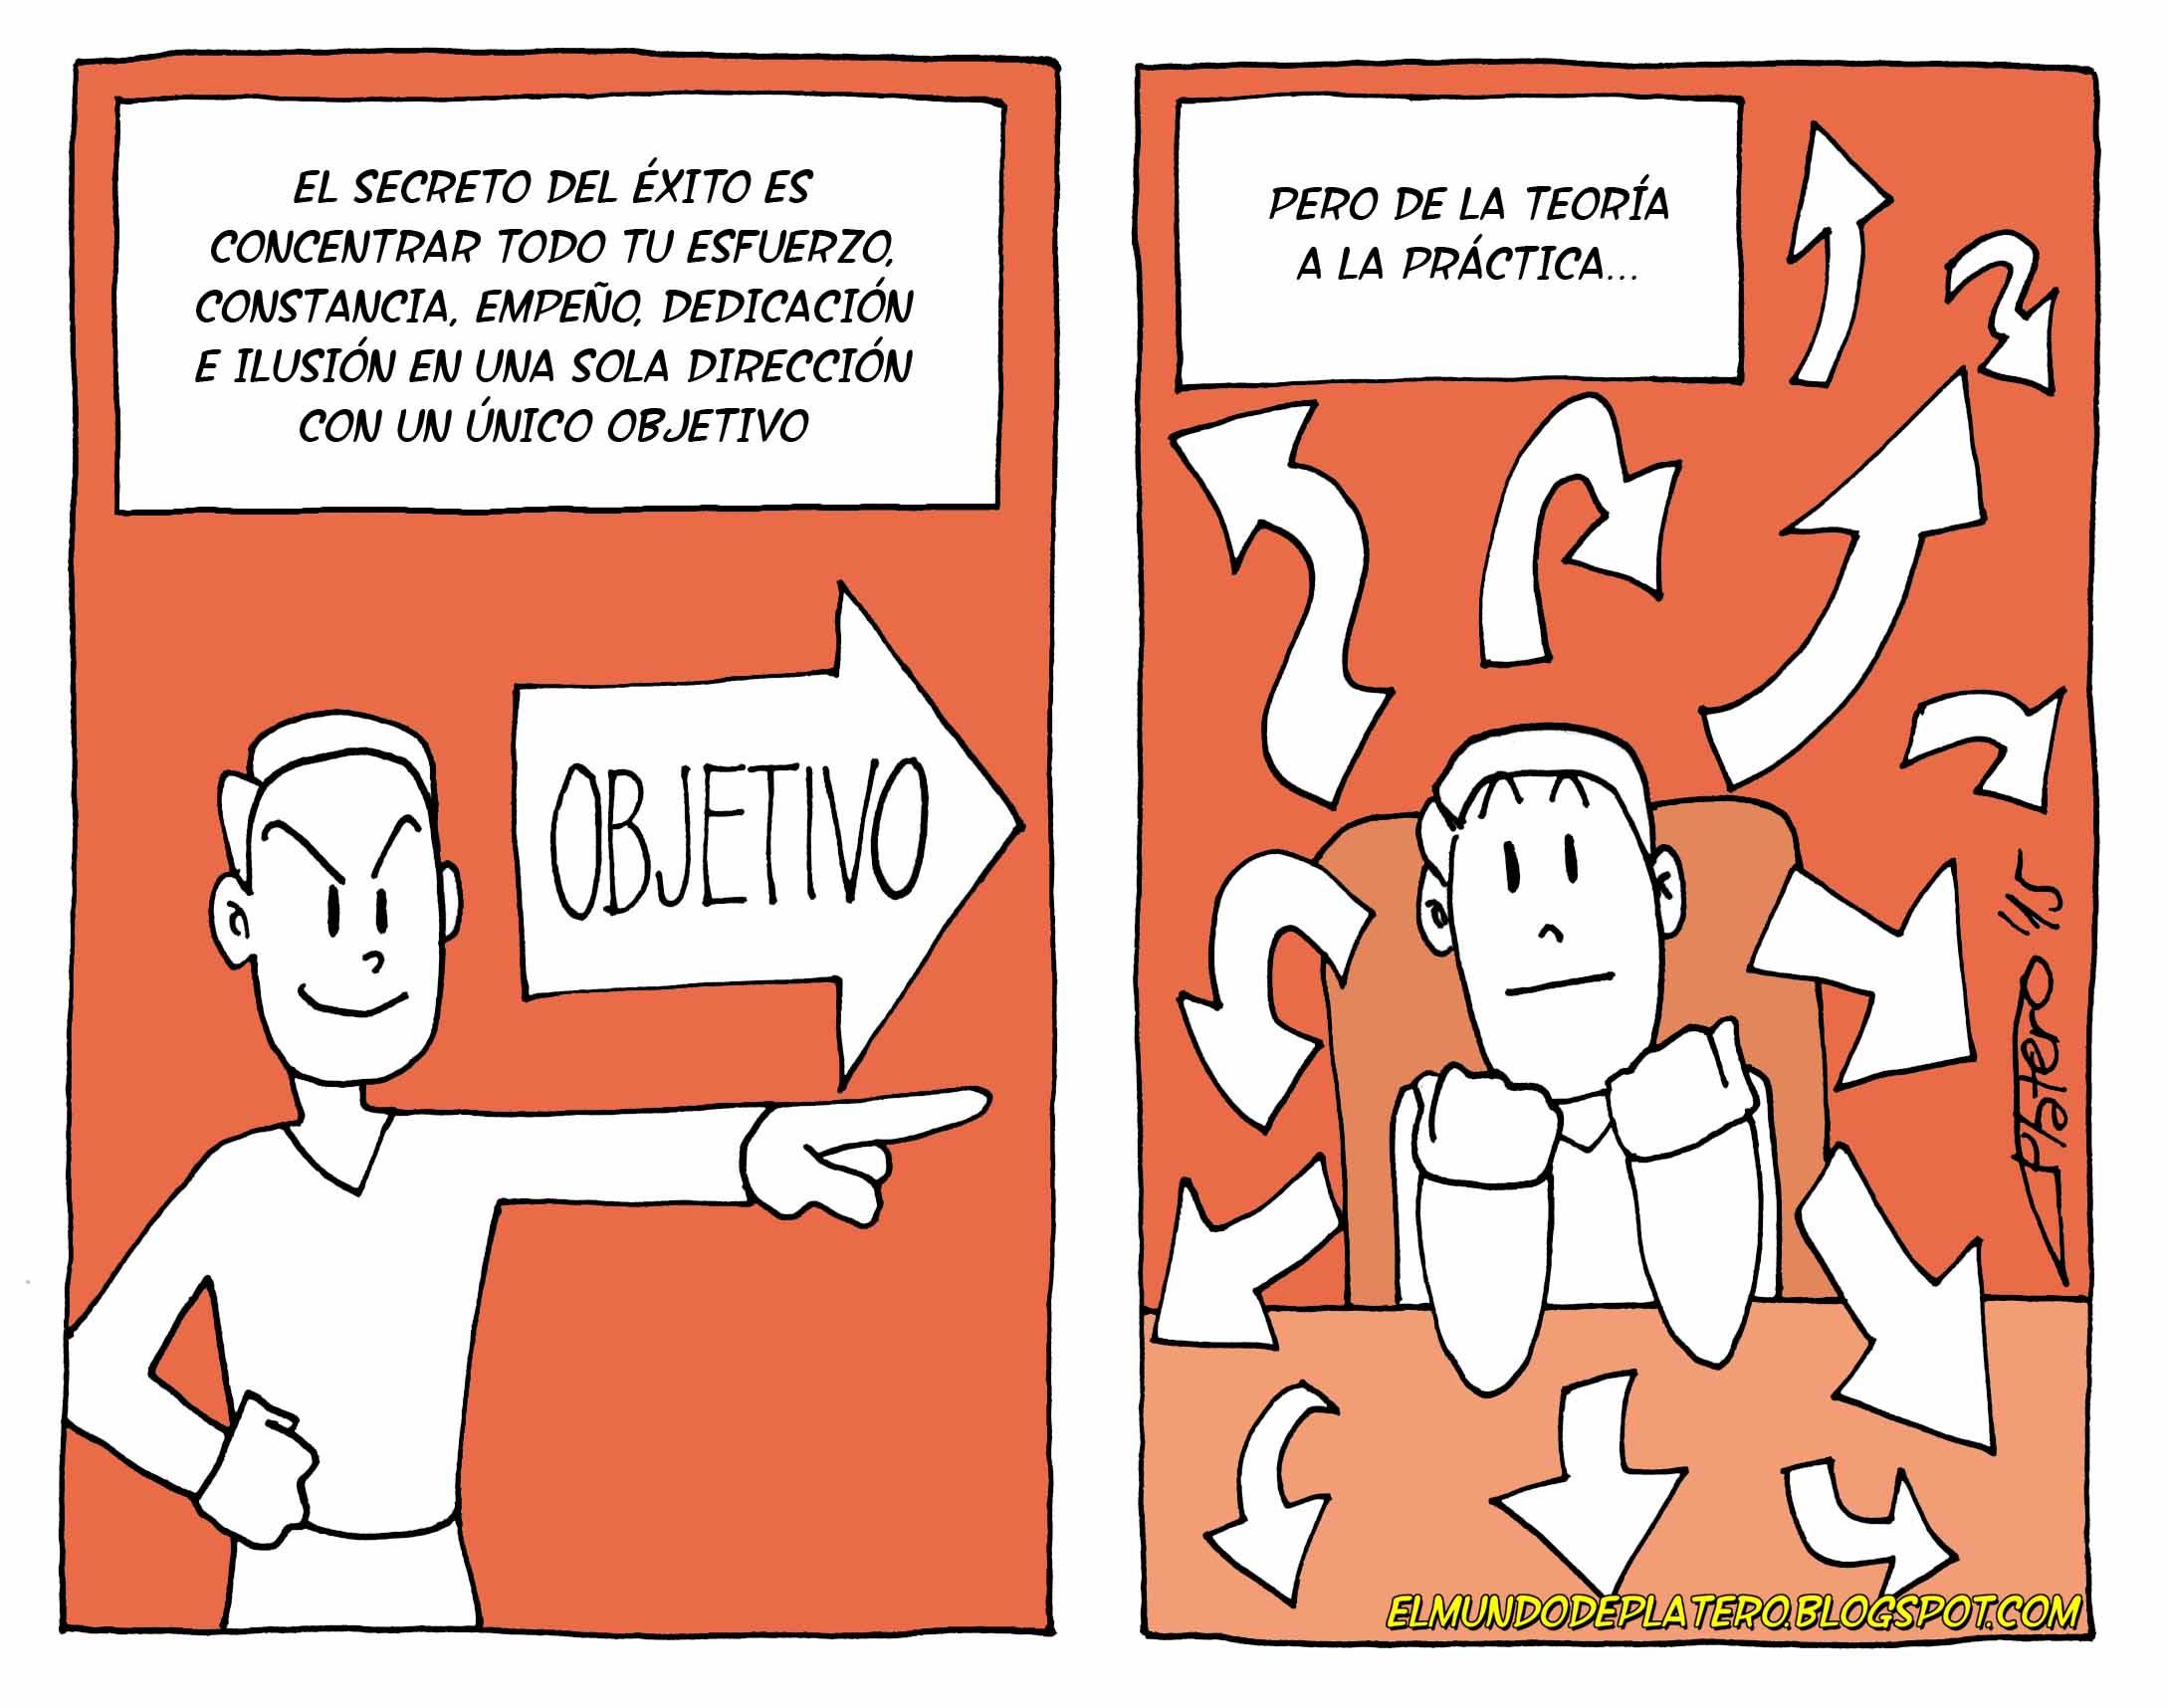 el_secreto_del_éxito_cómic_josé_luis_platero_elmundodeplatero_viñetas_de_humor.j